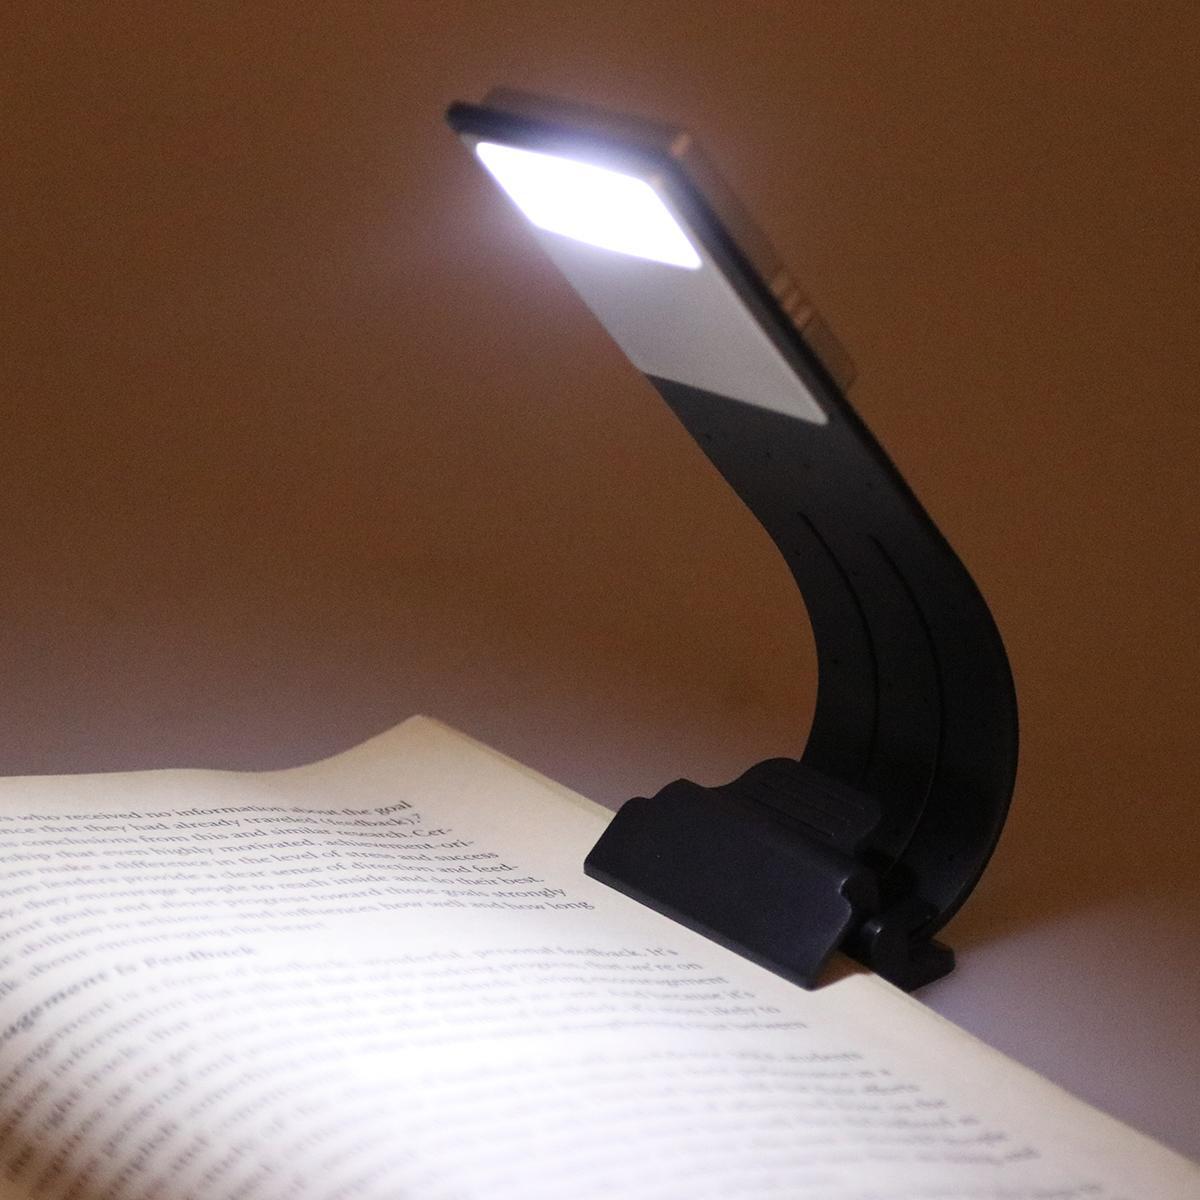 Dimmbare Usb Led Tisch Lampe 5 V Schreibtisch Lampe Nacht Bett Lesen Buch Licht Schlafzimmer Bücherregal Dekoration Nachtlicht Kreative Geschenk Lampen & Schirme